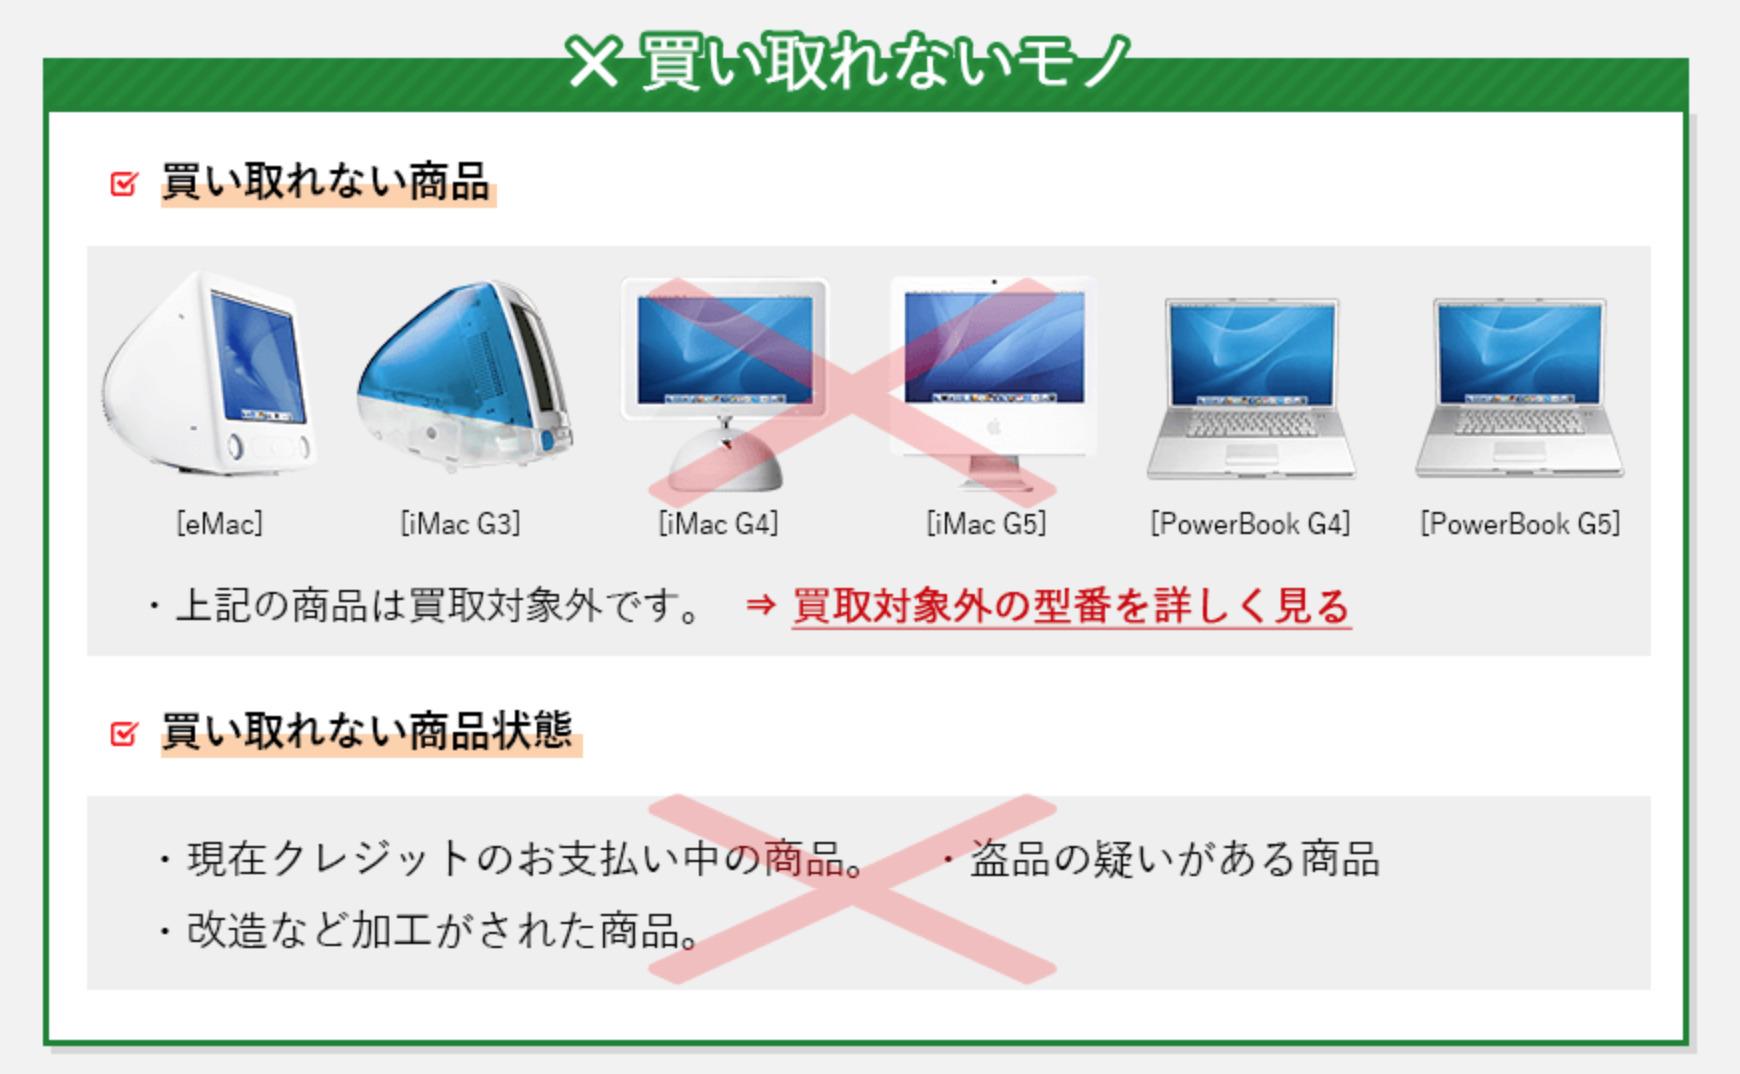 Mac買い取りネットで対象外となるもの